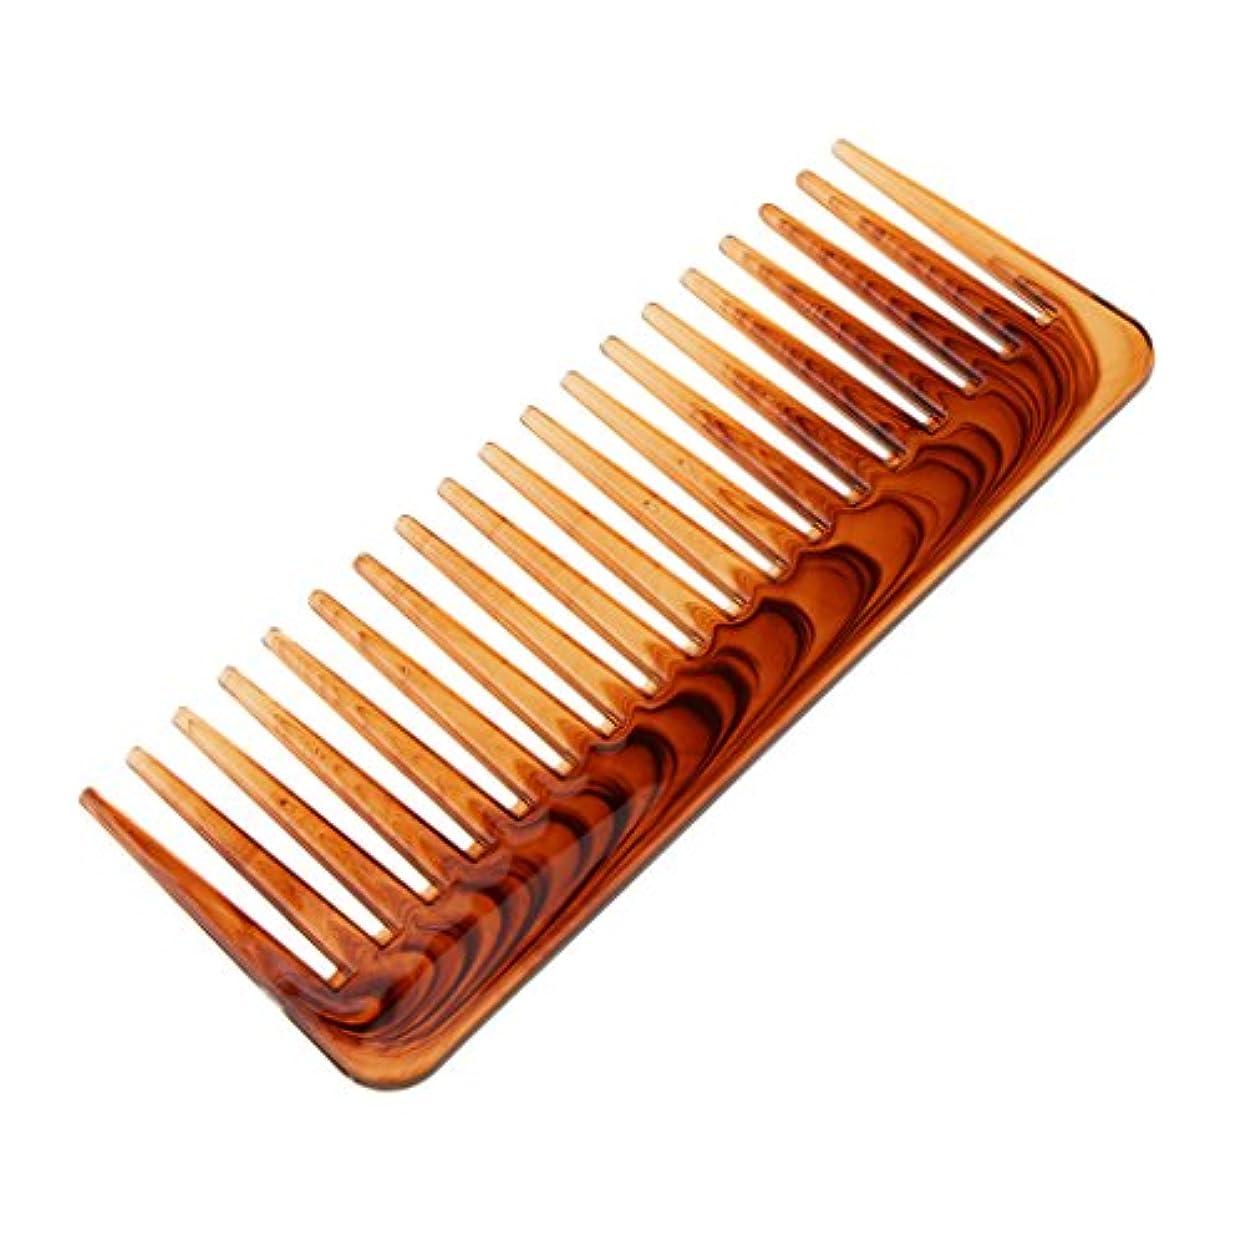 作る順応性のある条約ヘアコーム コーム ワイド歯 ヘアブラシ 櫛 くし ヘアスタイリング 頭皮マッサージ 耐熱性 帯電防止